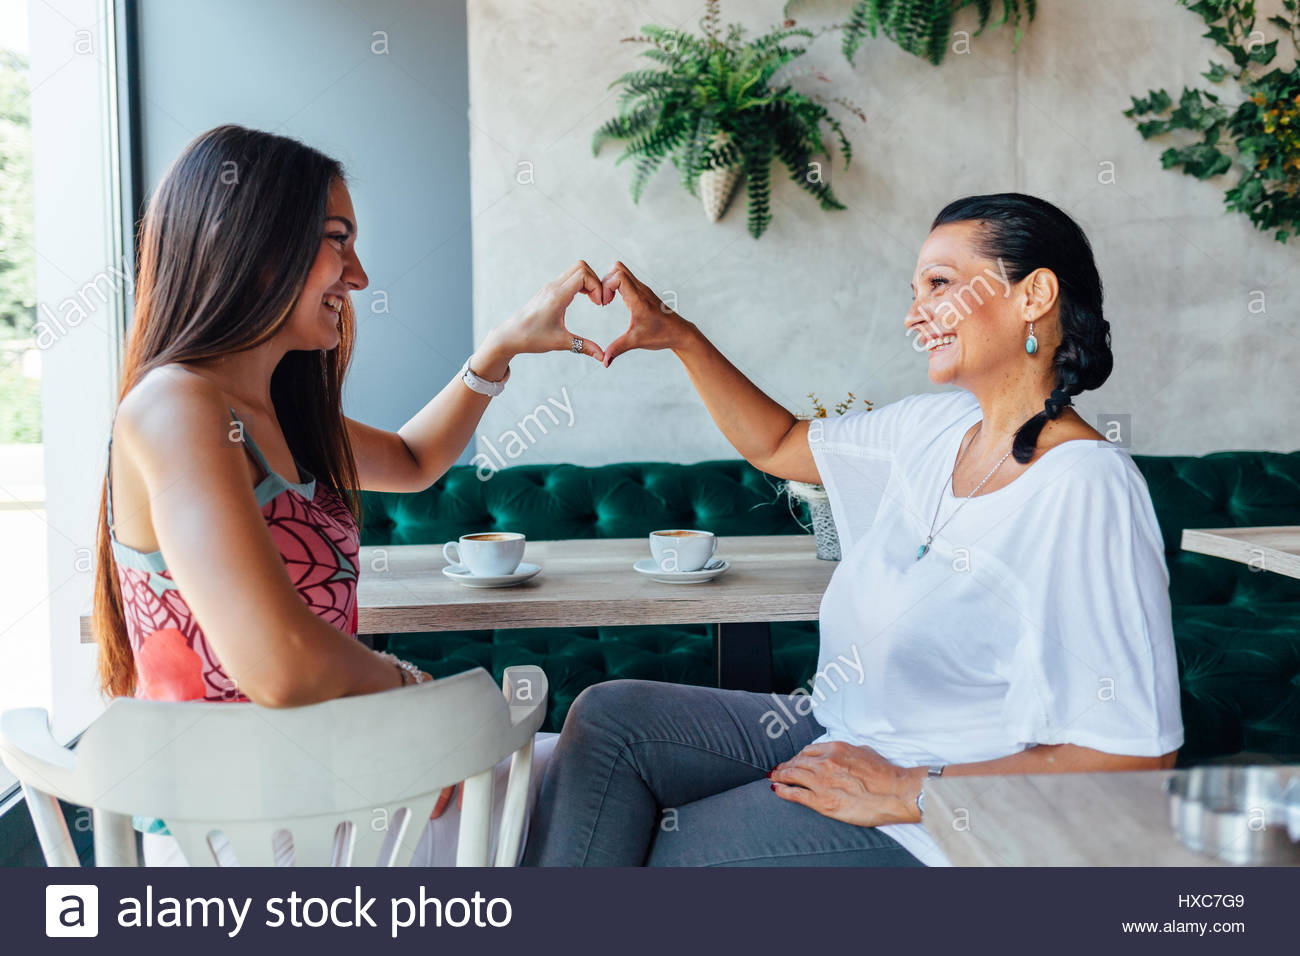 Mamma e figlia facendo un cuore con le mani. Piace il caffè. Immagini Stock